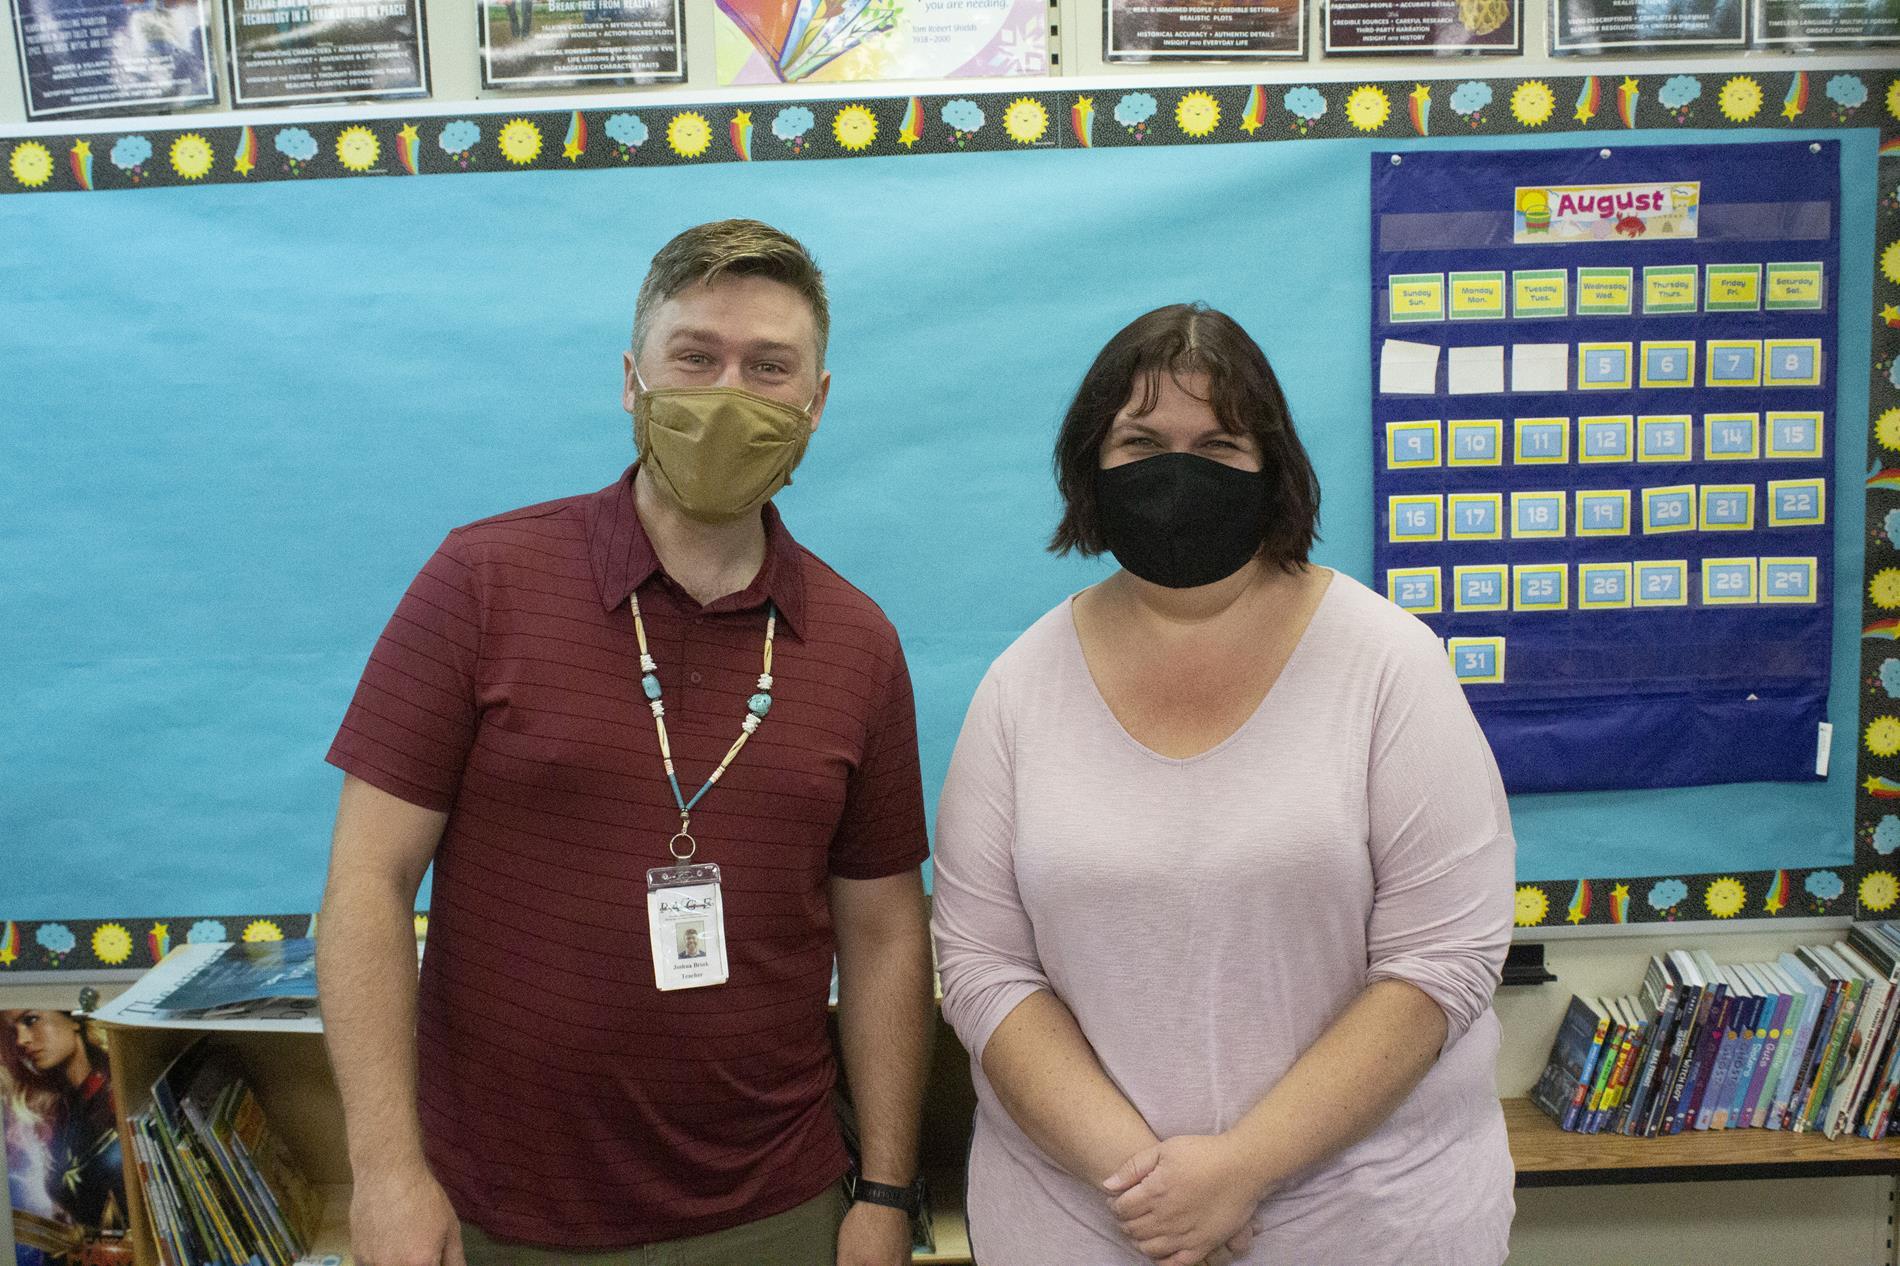 Teachers Josh Brink and Kendra Tarket